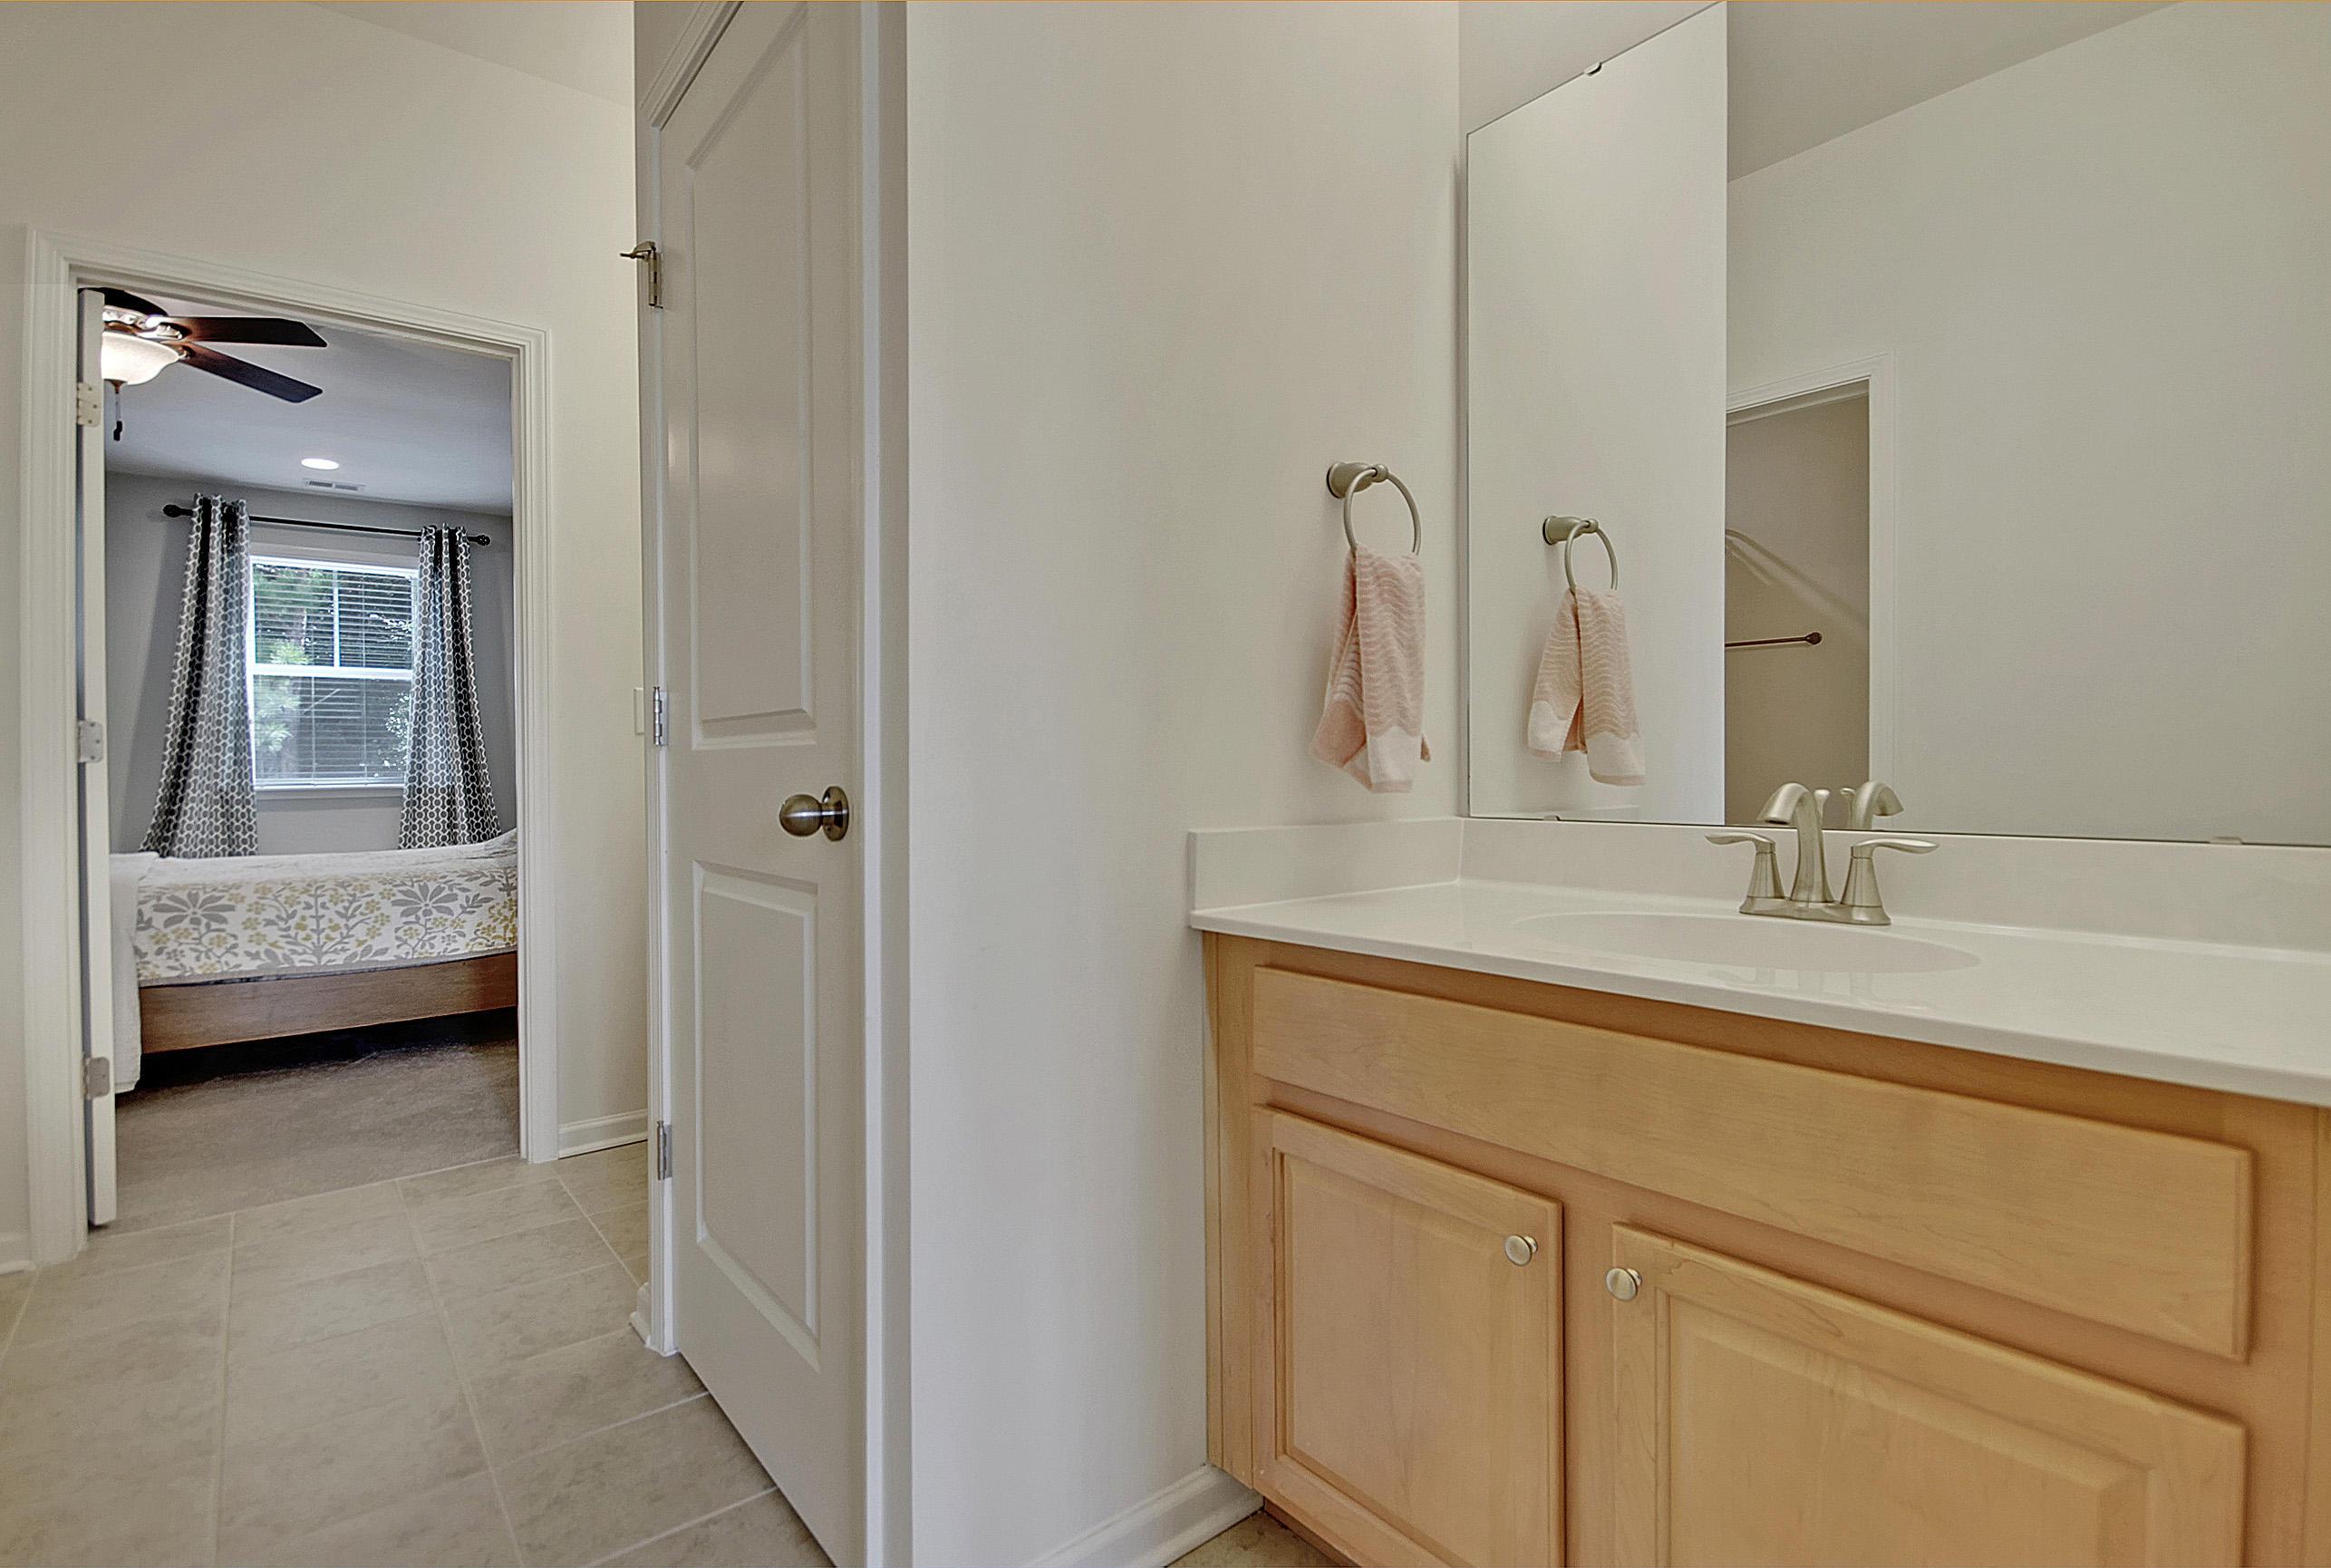 Royal Palms Homes For Sale - 1273 Dingle, Mount Pleasant, SC - 8